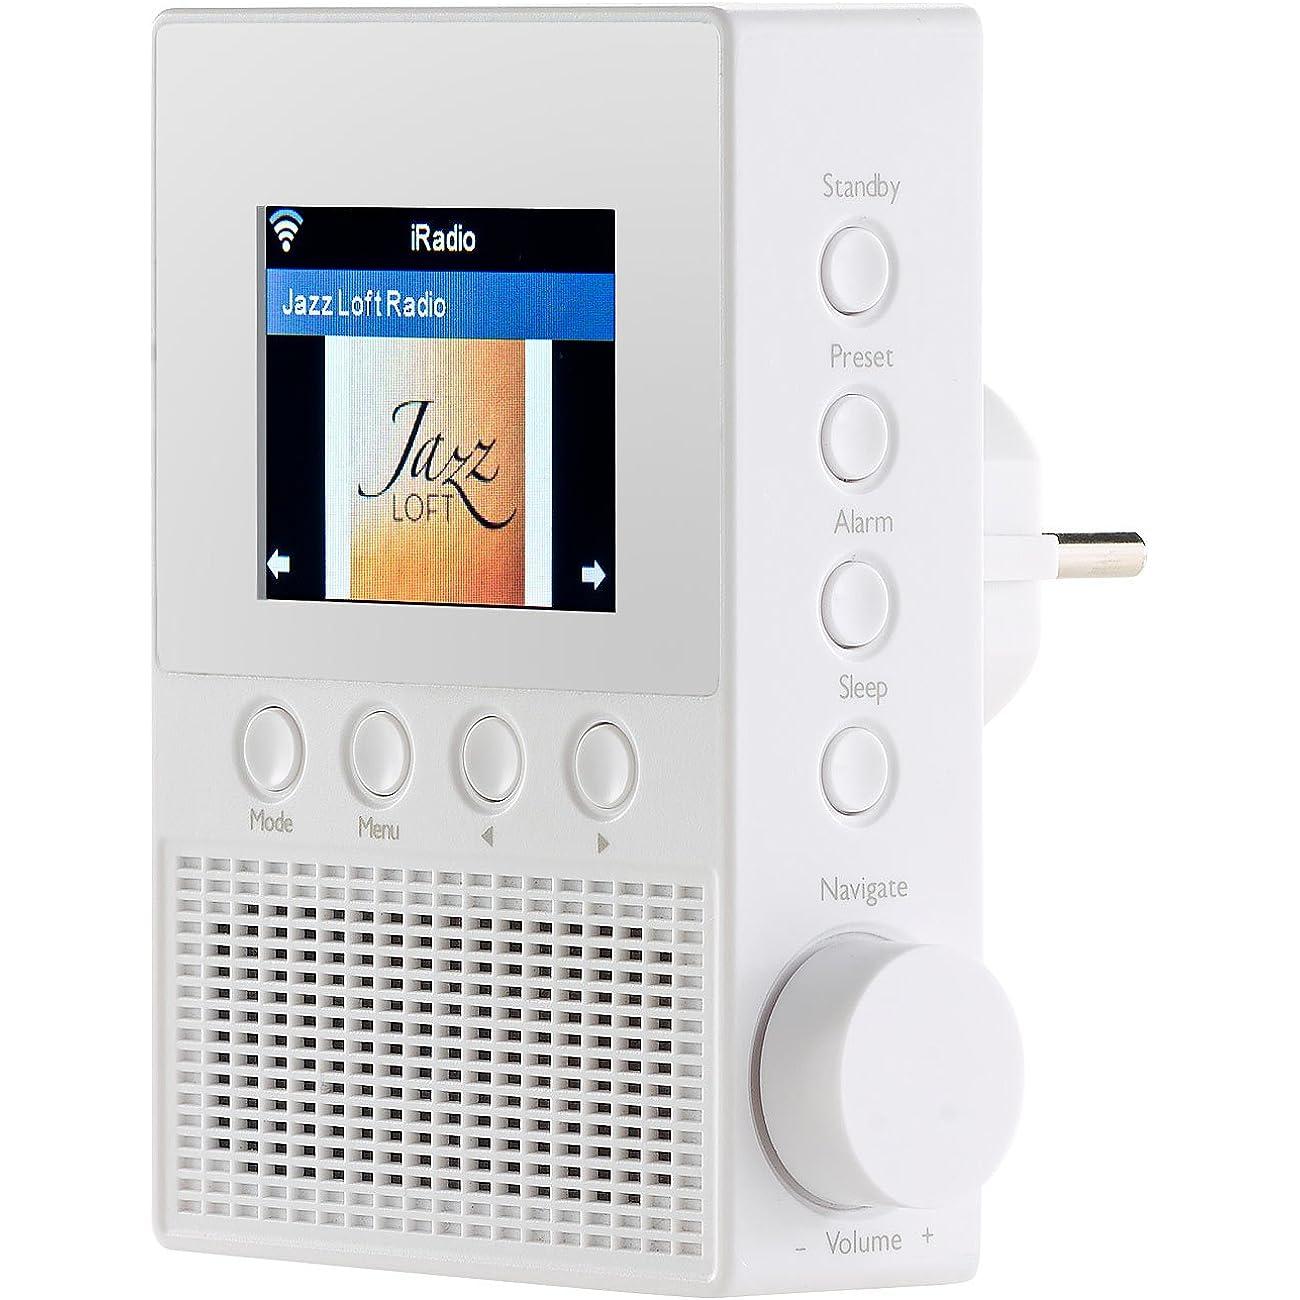 Steckdosenradios werden in ganz unterschiedlichen Größen angeboten.